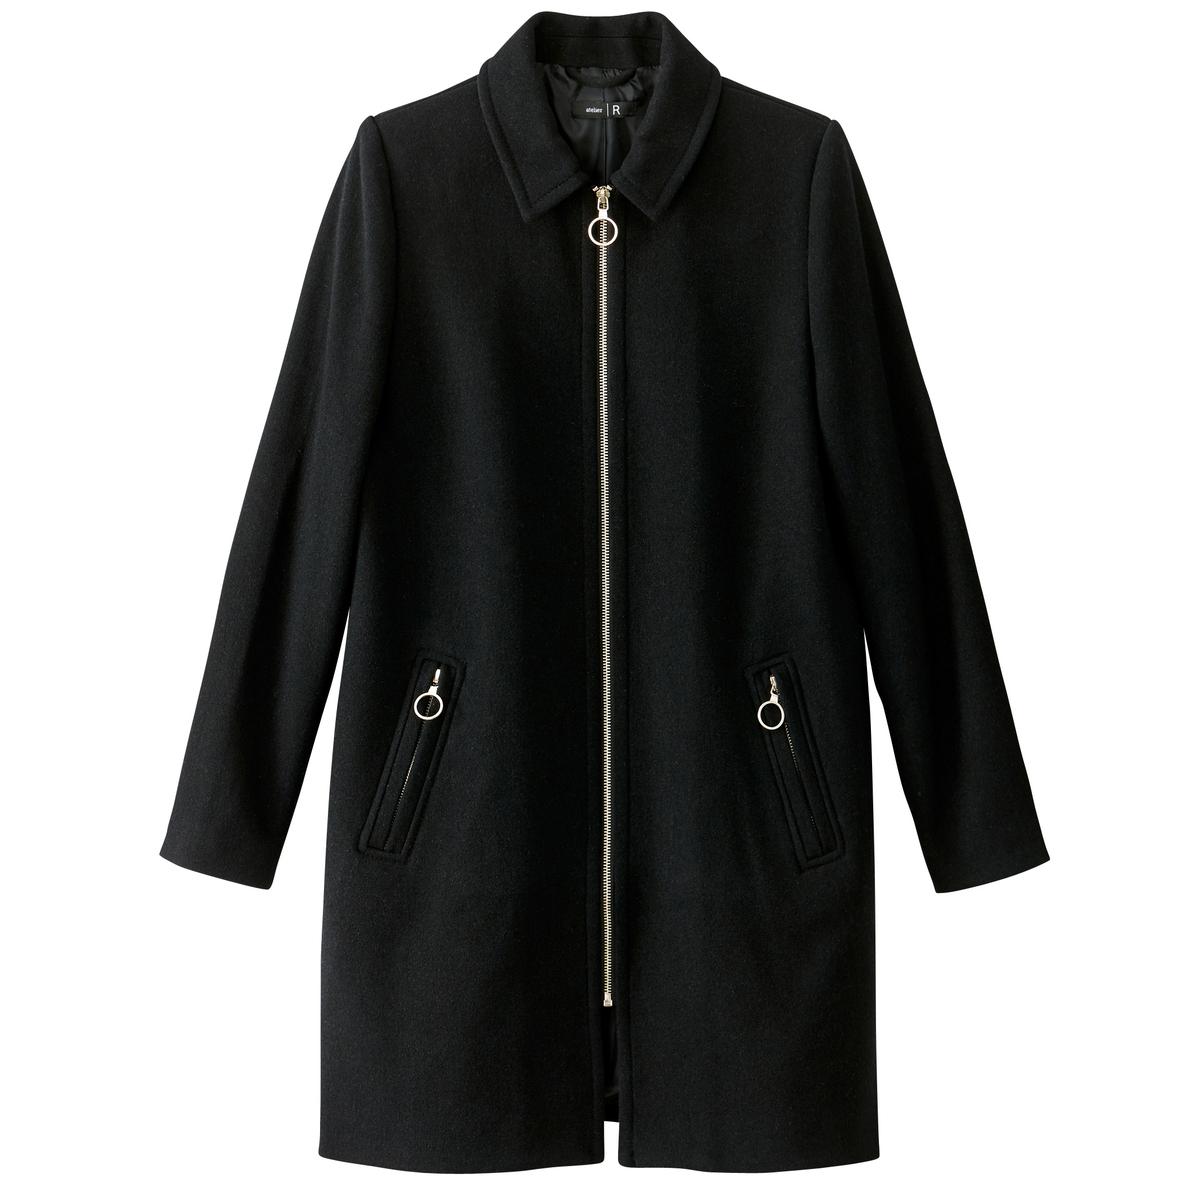 Пальто на молнии из шерстяного драпаОчень теплое пальто средней длины согреет вас этой зимой . В этом пальто на молнии из шерстяного драпа сочетаюся комфорт и стиль . Это элегантное пальто создано для вас .Детали •  Длина : средняя •  Воротник-поло, рубашечный •  Застежка на молниюСостав и уход •  55% шерсти, 4% акрила, 3% полиамида, 38% полиэстера • Не стирать •  Деликатная чистка/без отбеливателей •  Не использовать барабанную сушку   •  Низкая температура глажки •  Длина : 92 см<br><br>Цвет: зеленый,черный<br>Размер: 34 (FR) - 40 (RUS).44 (FR) - 50 (RUS).48 (FR) - 54 (RUS).46 (FR) - 52 (RUS)